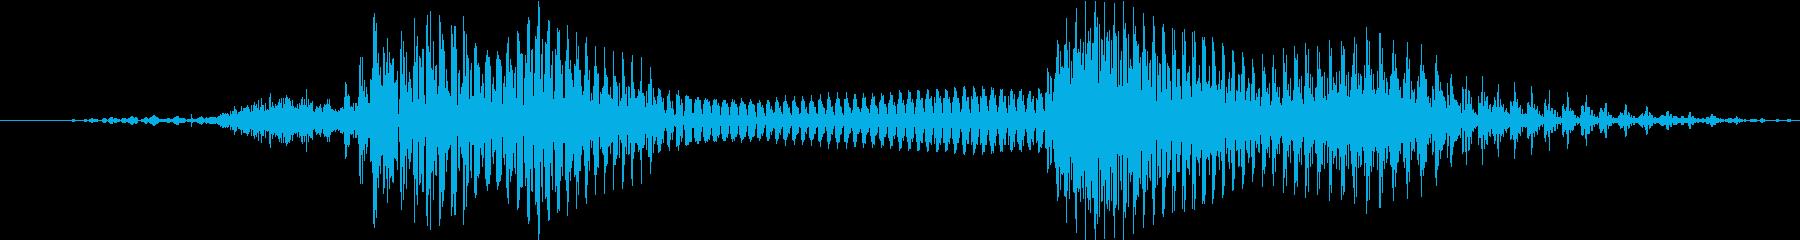 「残念」の再生済みの波形